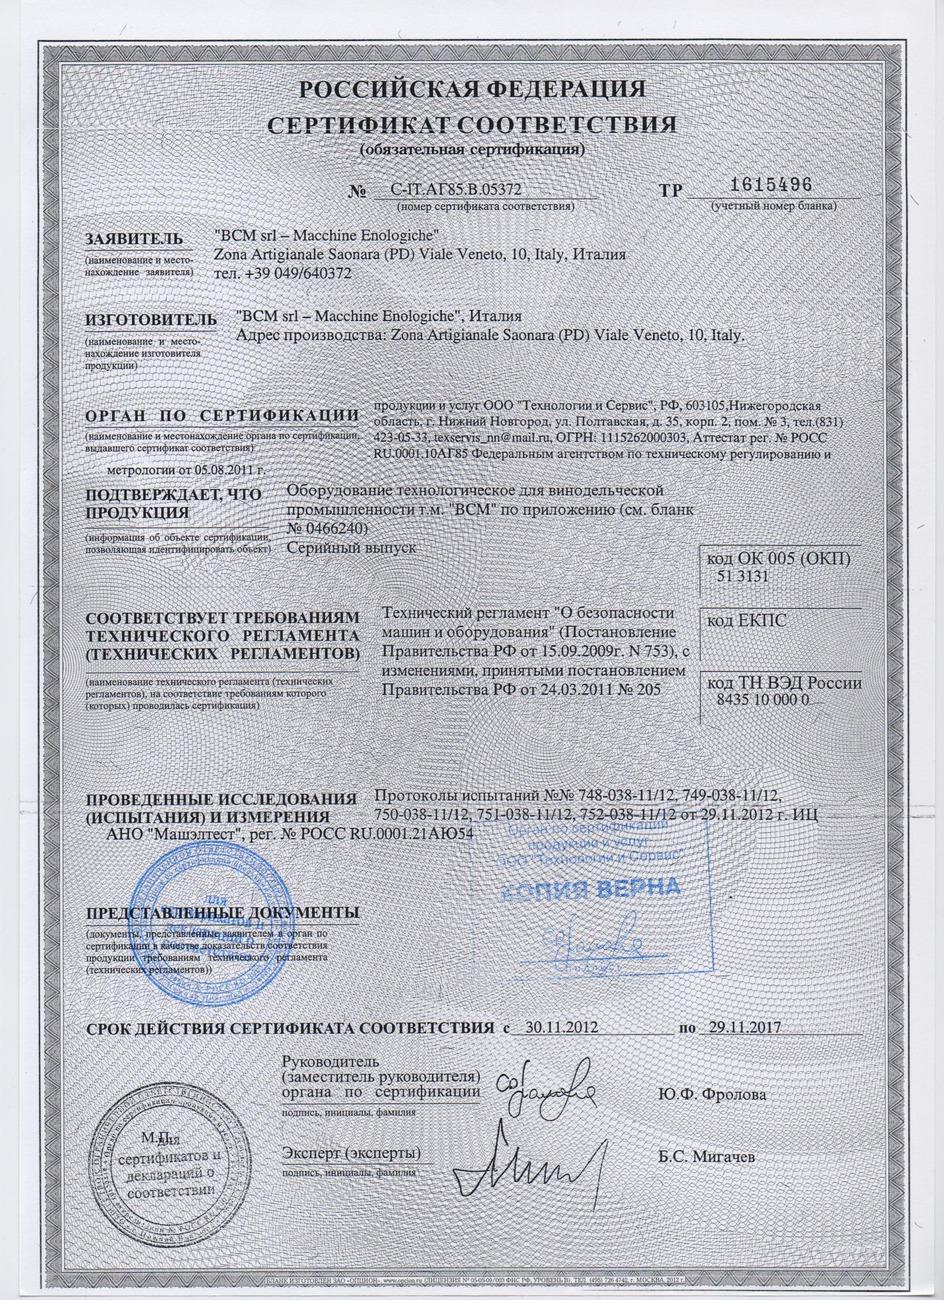 Сертификат соответствия BCM